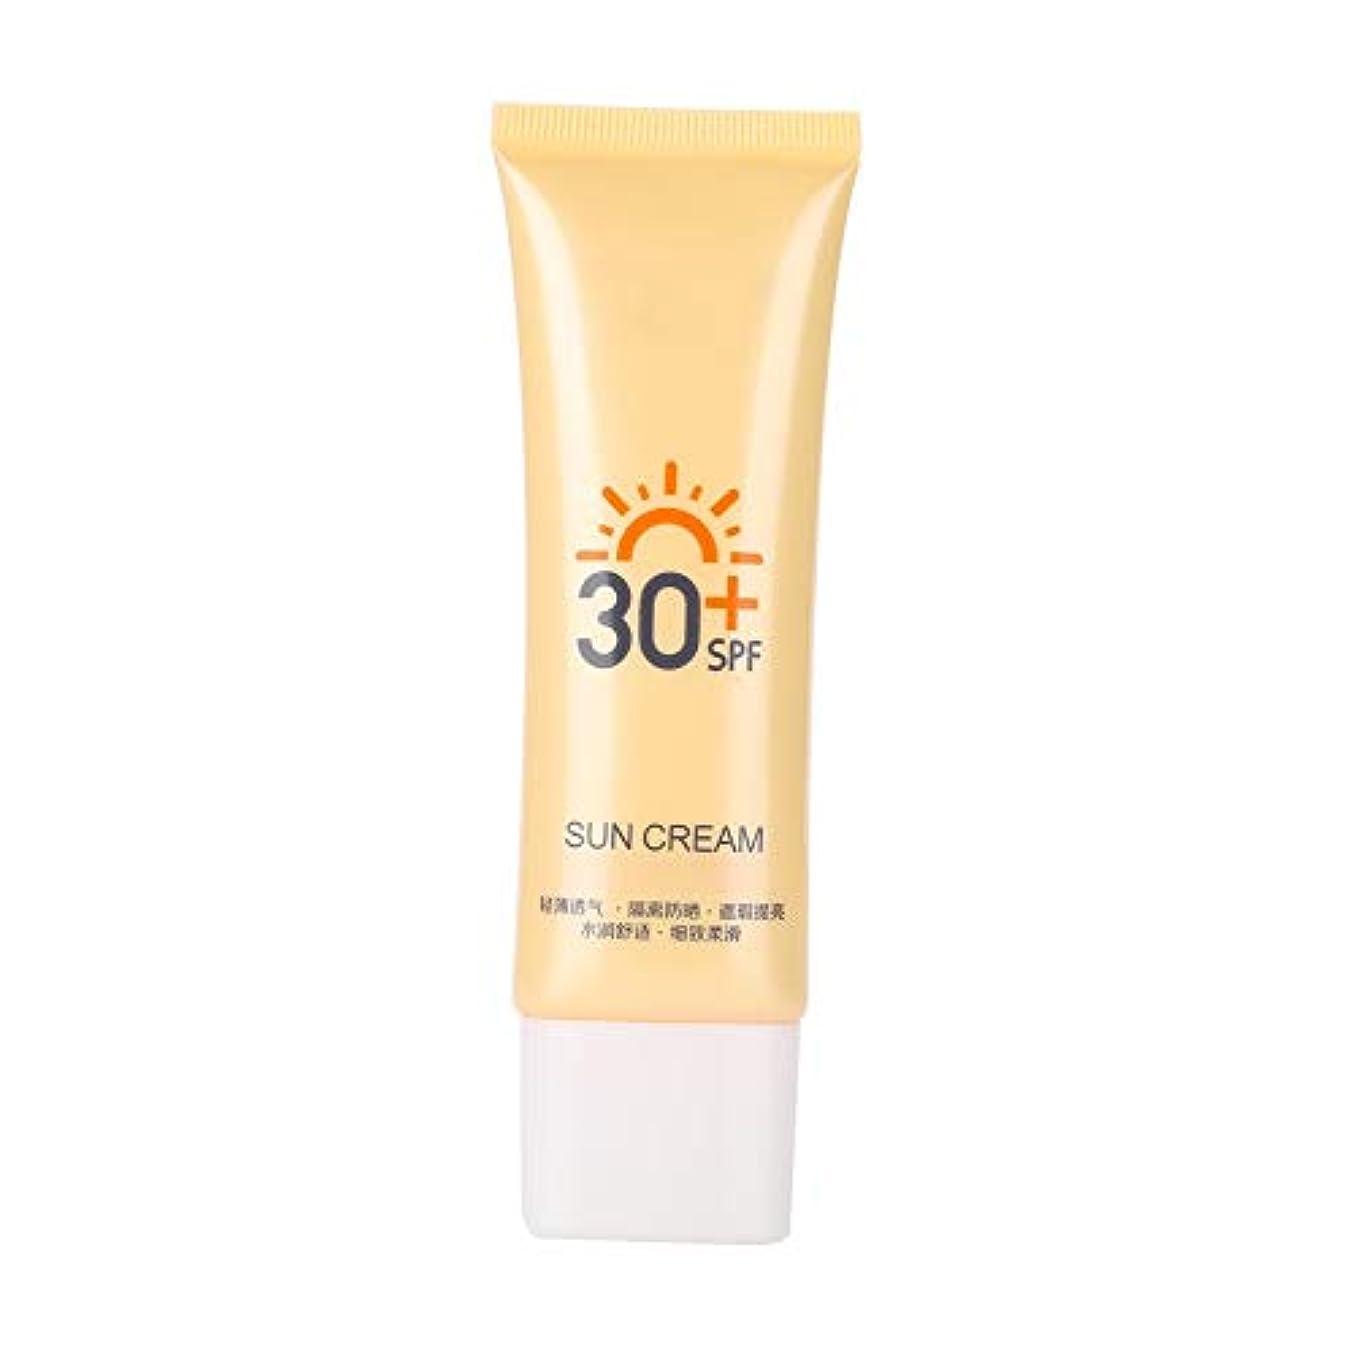 調整する支給背の高いSemme日焼け止めクリーム、日焼け止めクリーム40グラム日焼け止めクリームSPF30 + uv日焼け止めブライトニング防水クリーム